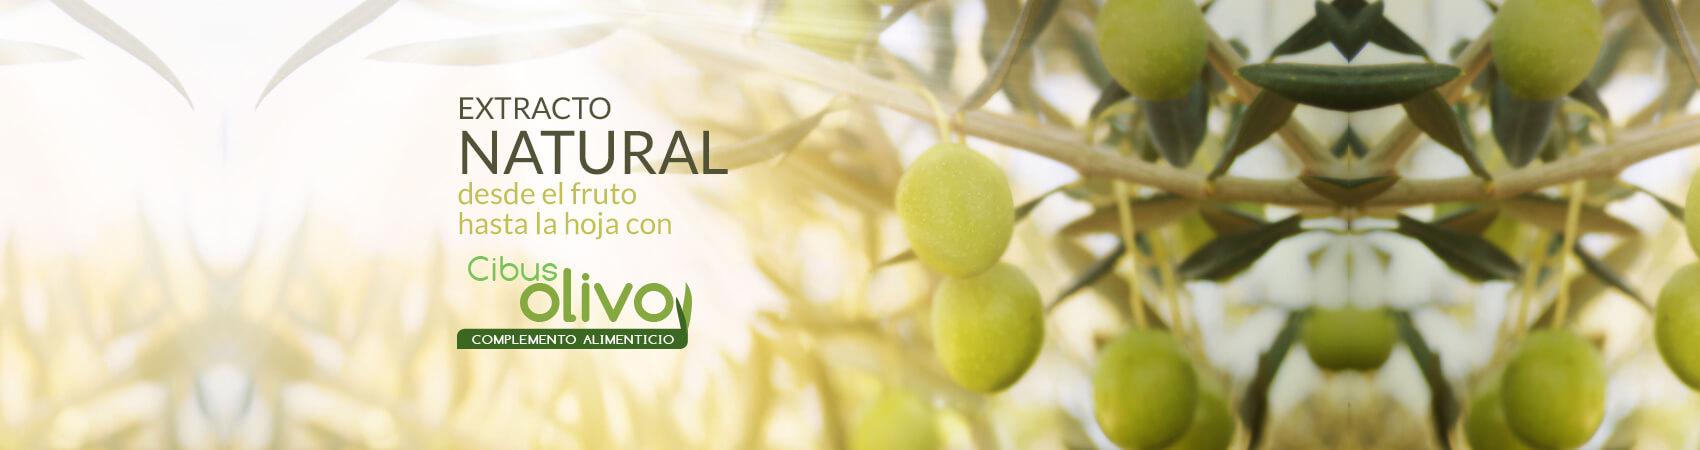 extracto natural desde el fruto hasta la hoja - cibusolivo